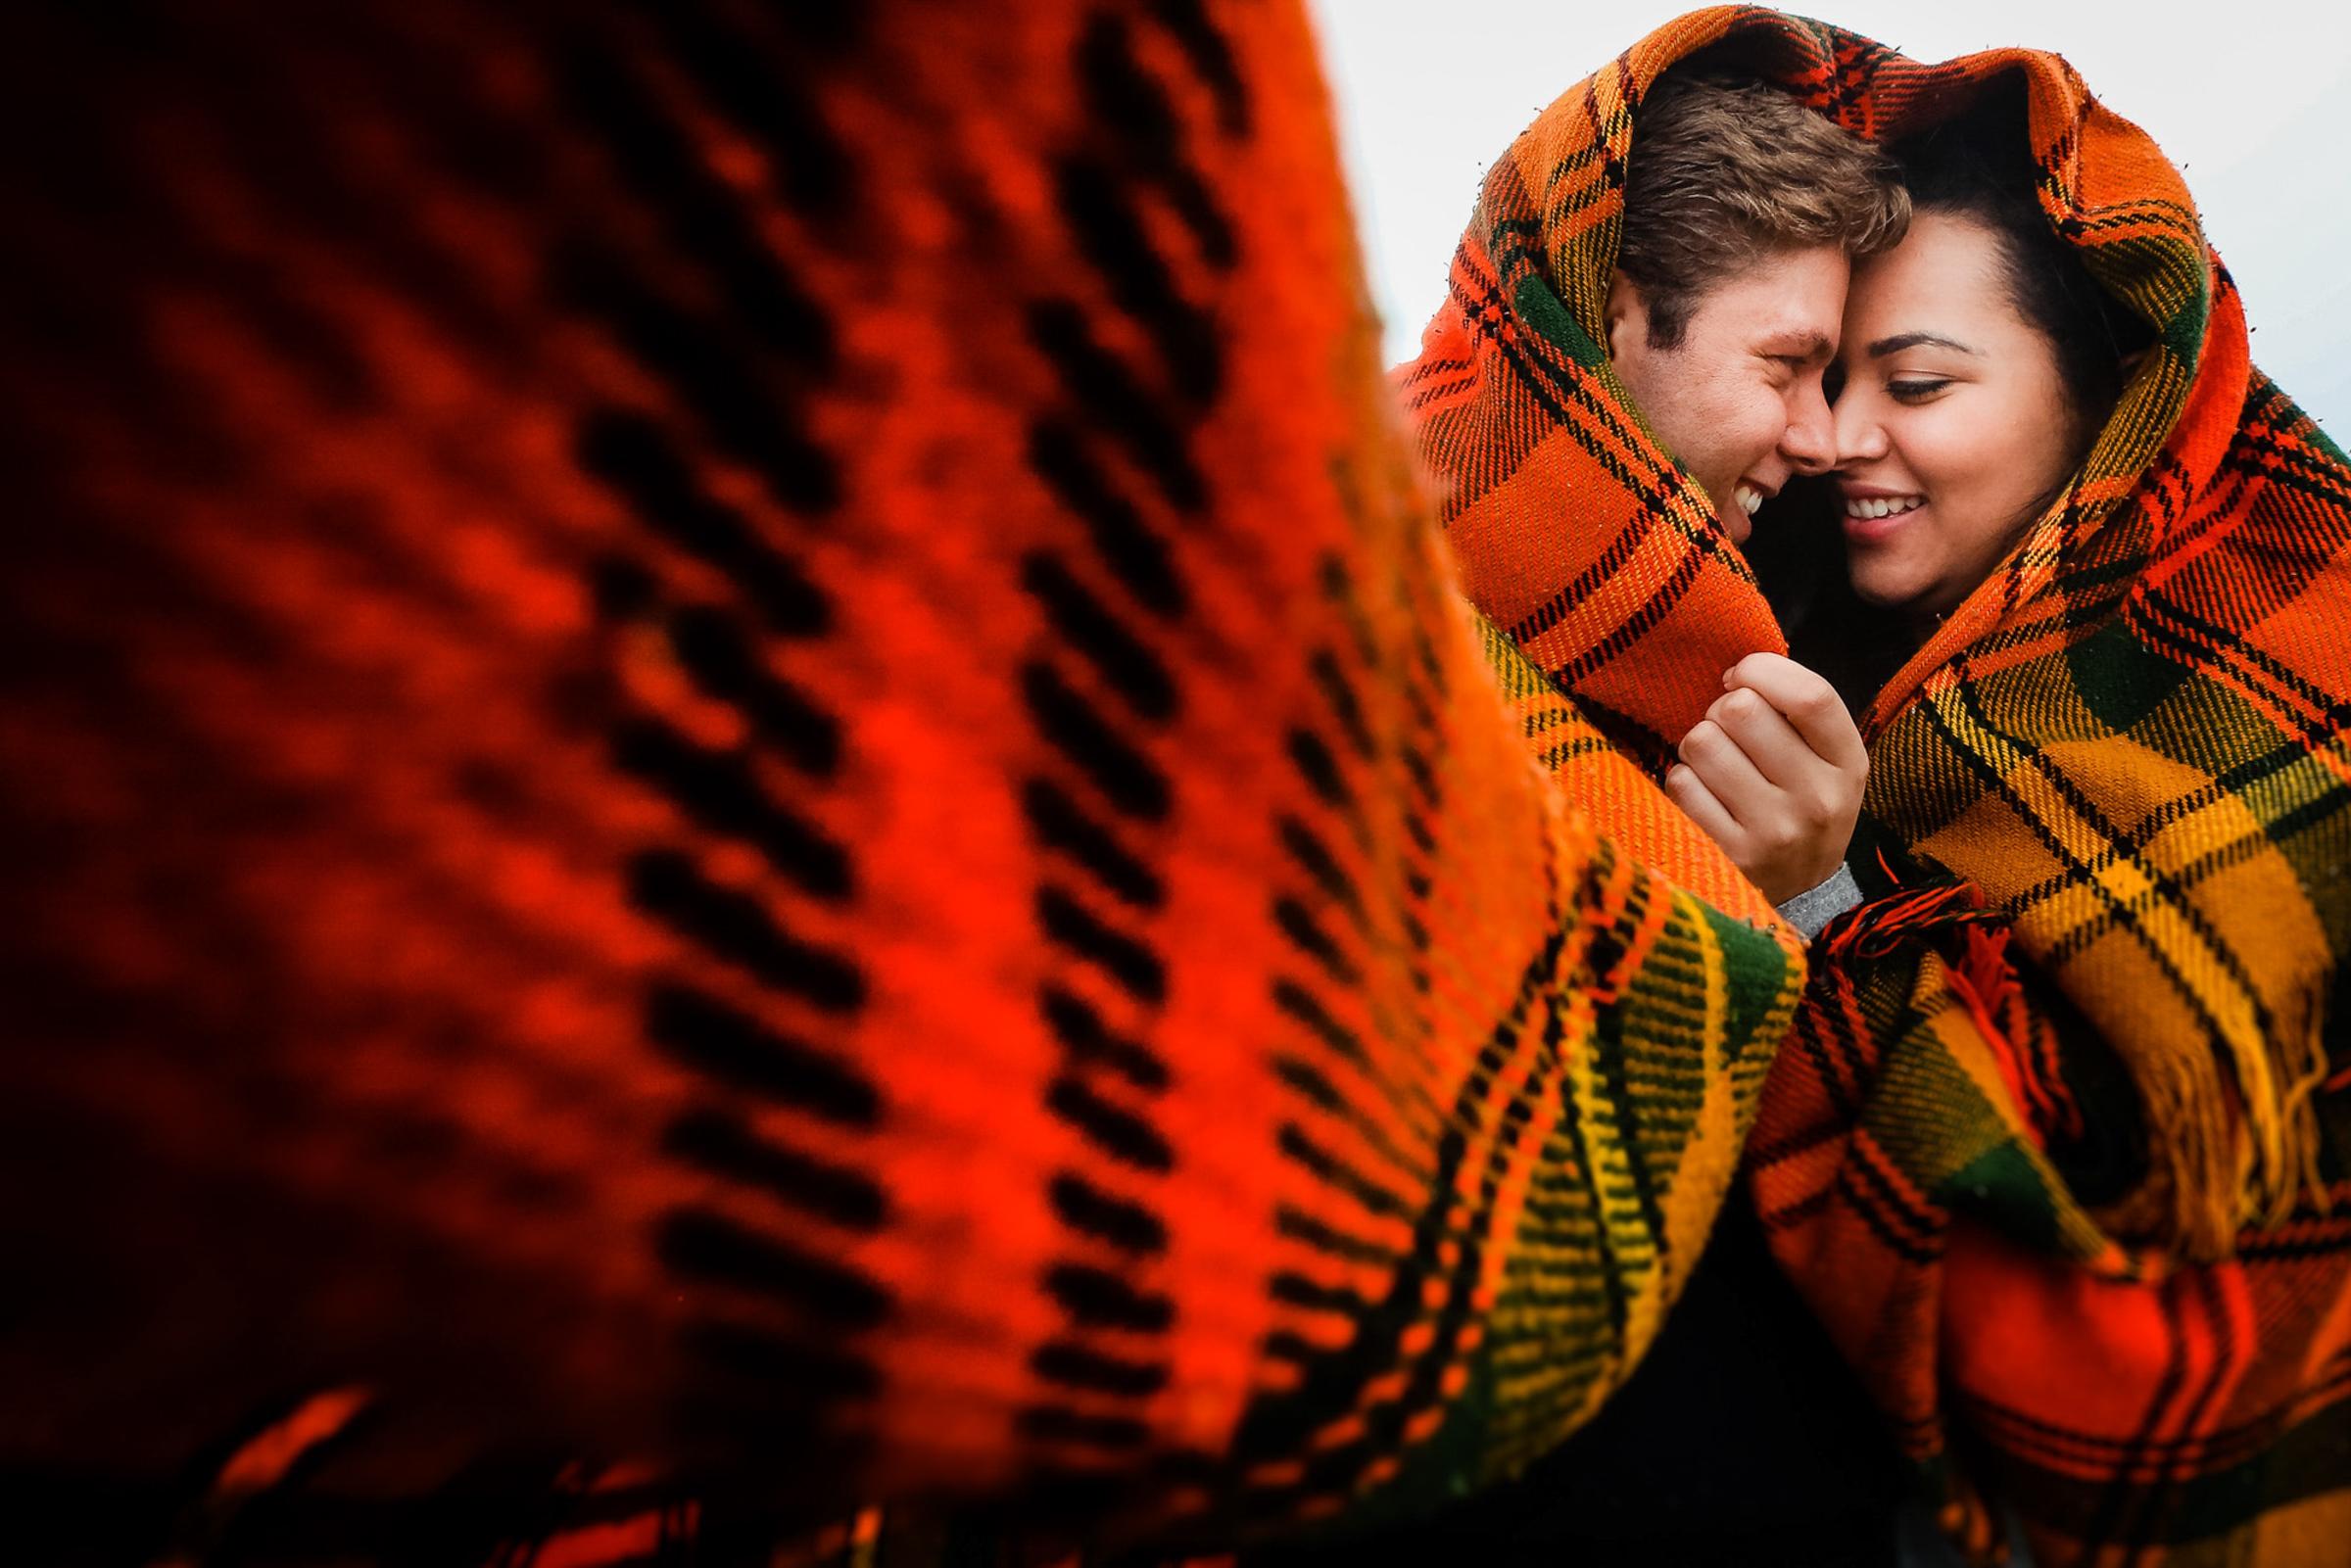 Couple wrapped in red flannel - photo by Área da Fotografia